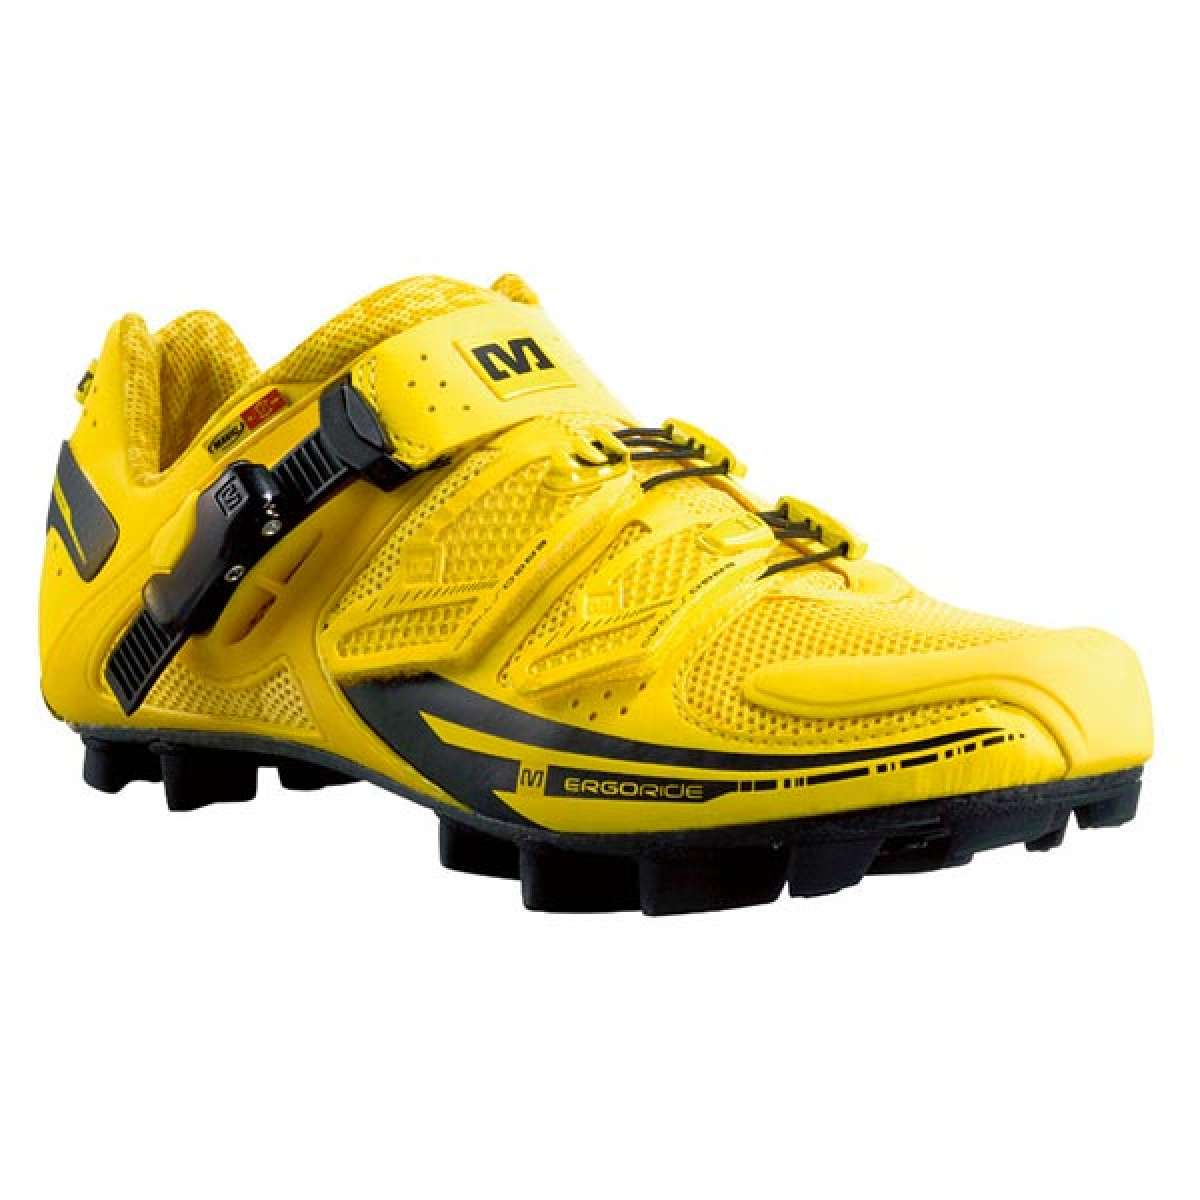 Zapatillas Mavic de MTB para 2011. Pisa sin miedo